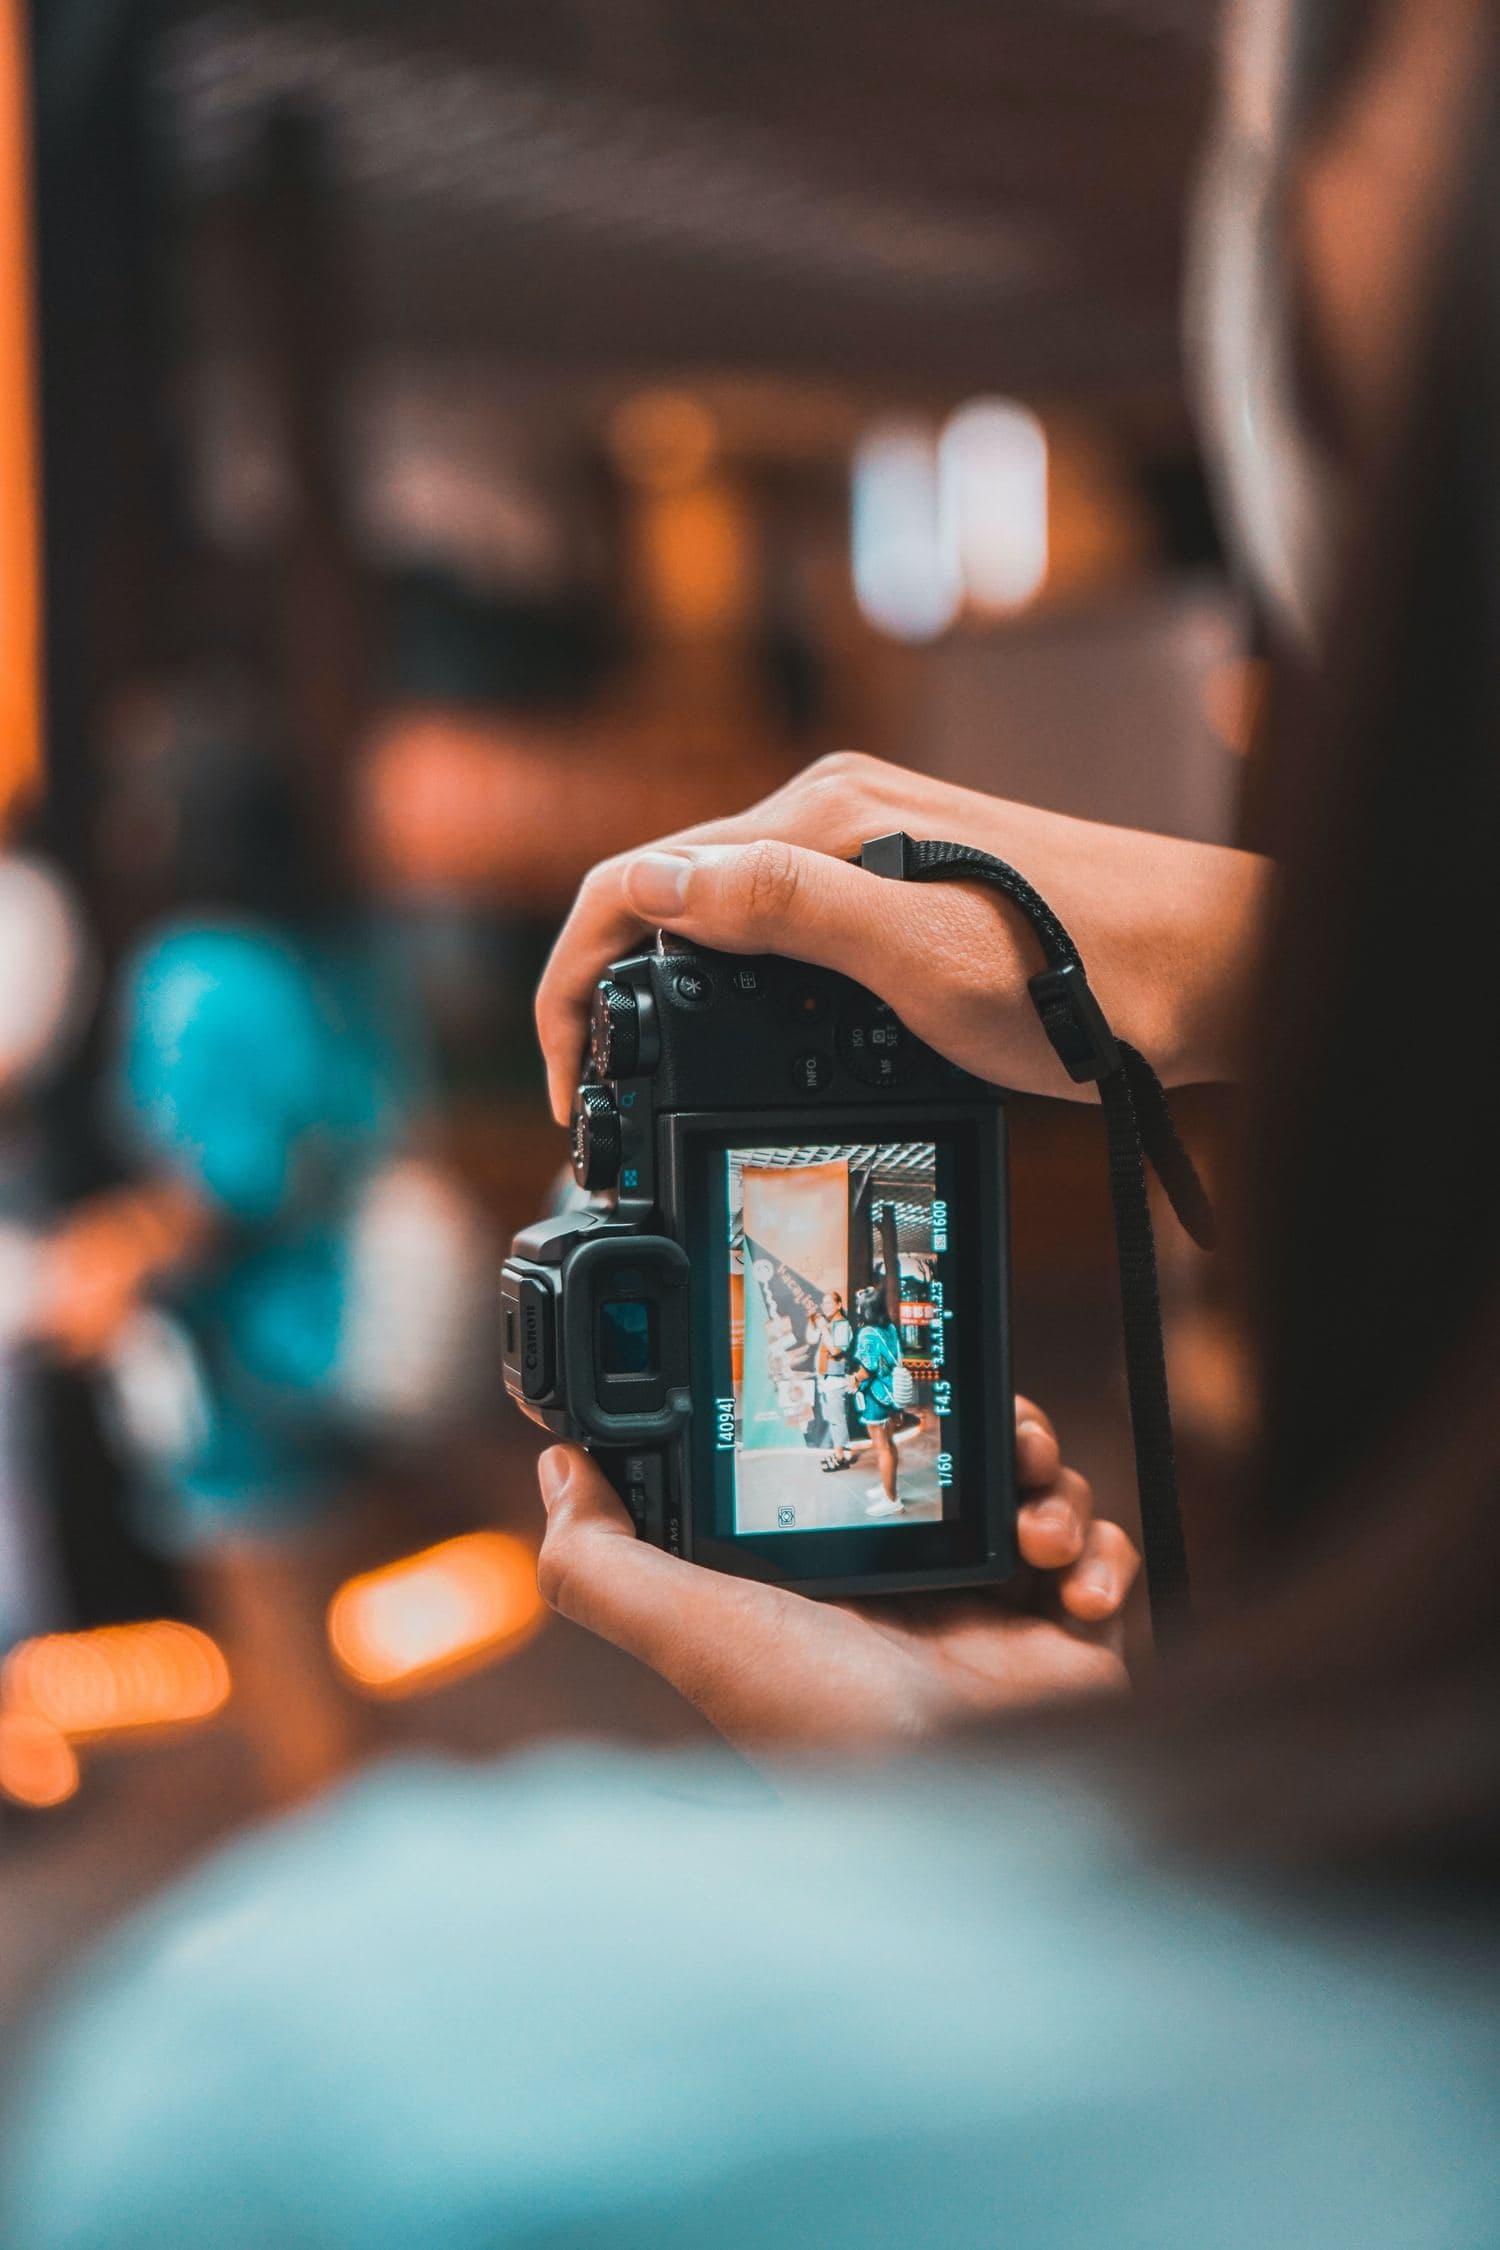 Cámara en mano de fotógrafa mientras elige la composición adecuada